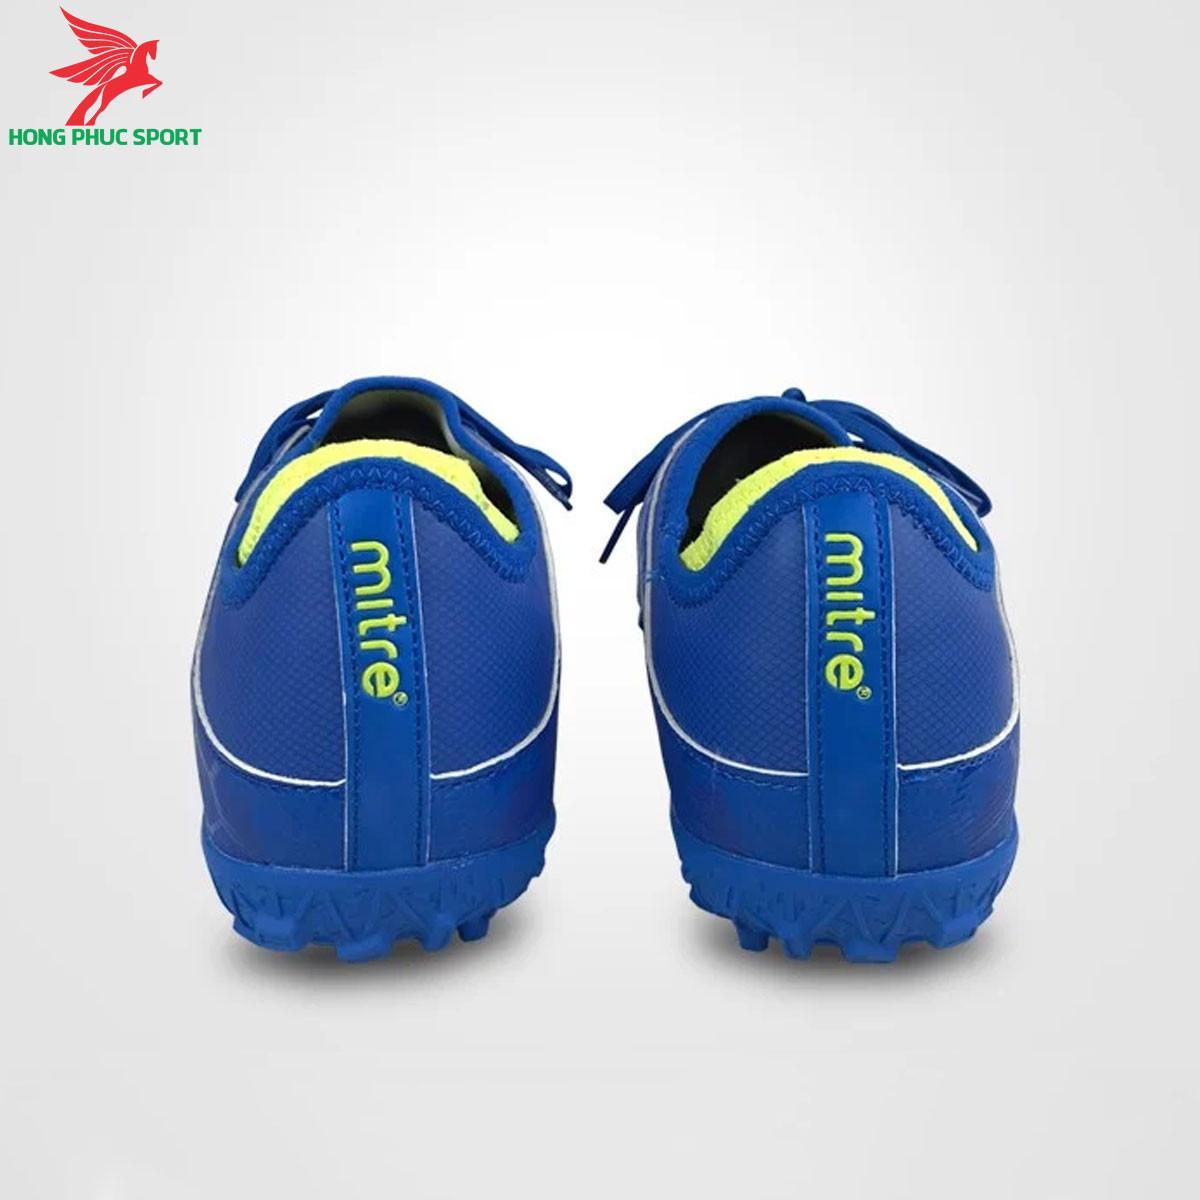 Giày đá banh Mitre 190420 màu xanh dương đế TF (3)